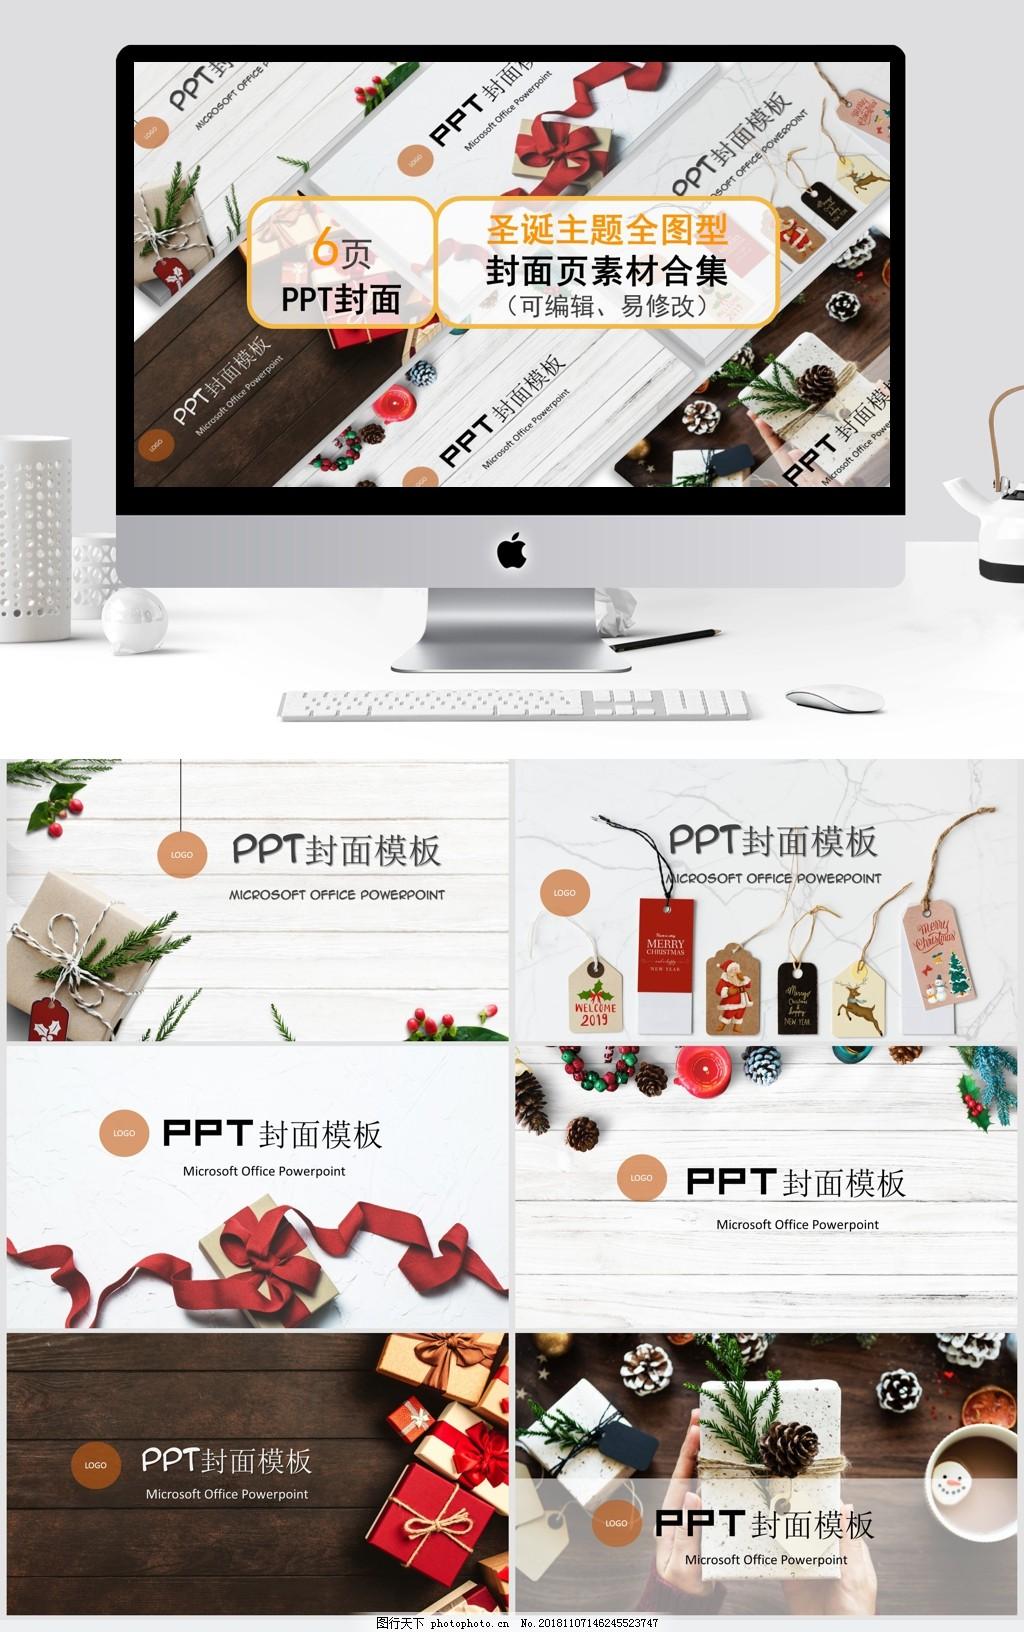 圣诞主题全图型封面页素材合集ppt模板图片